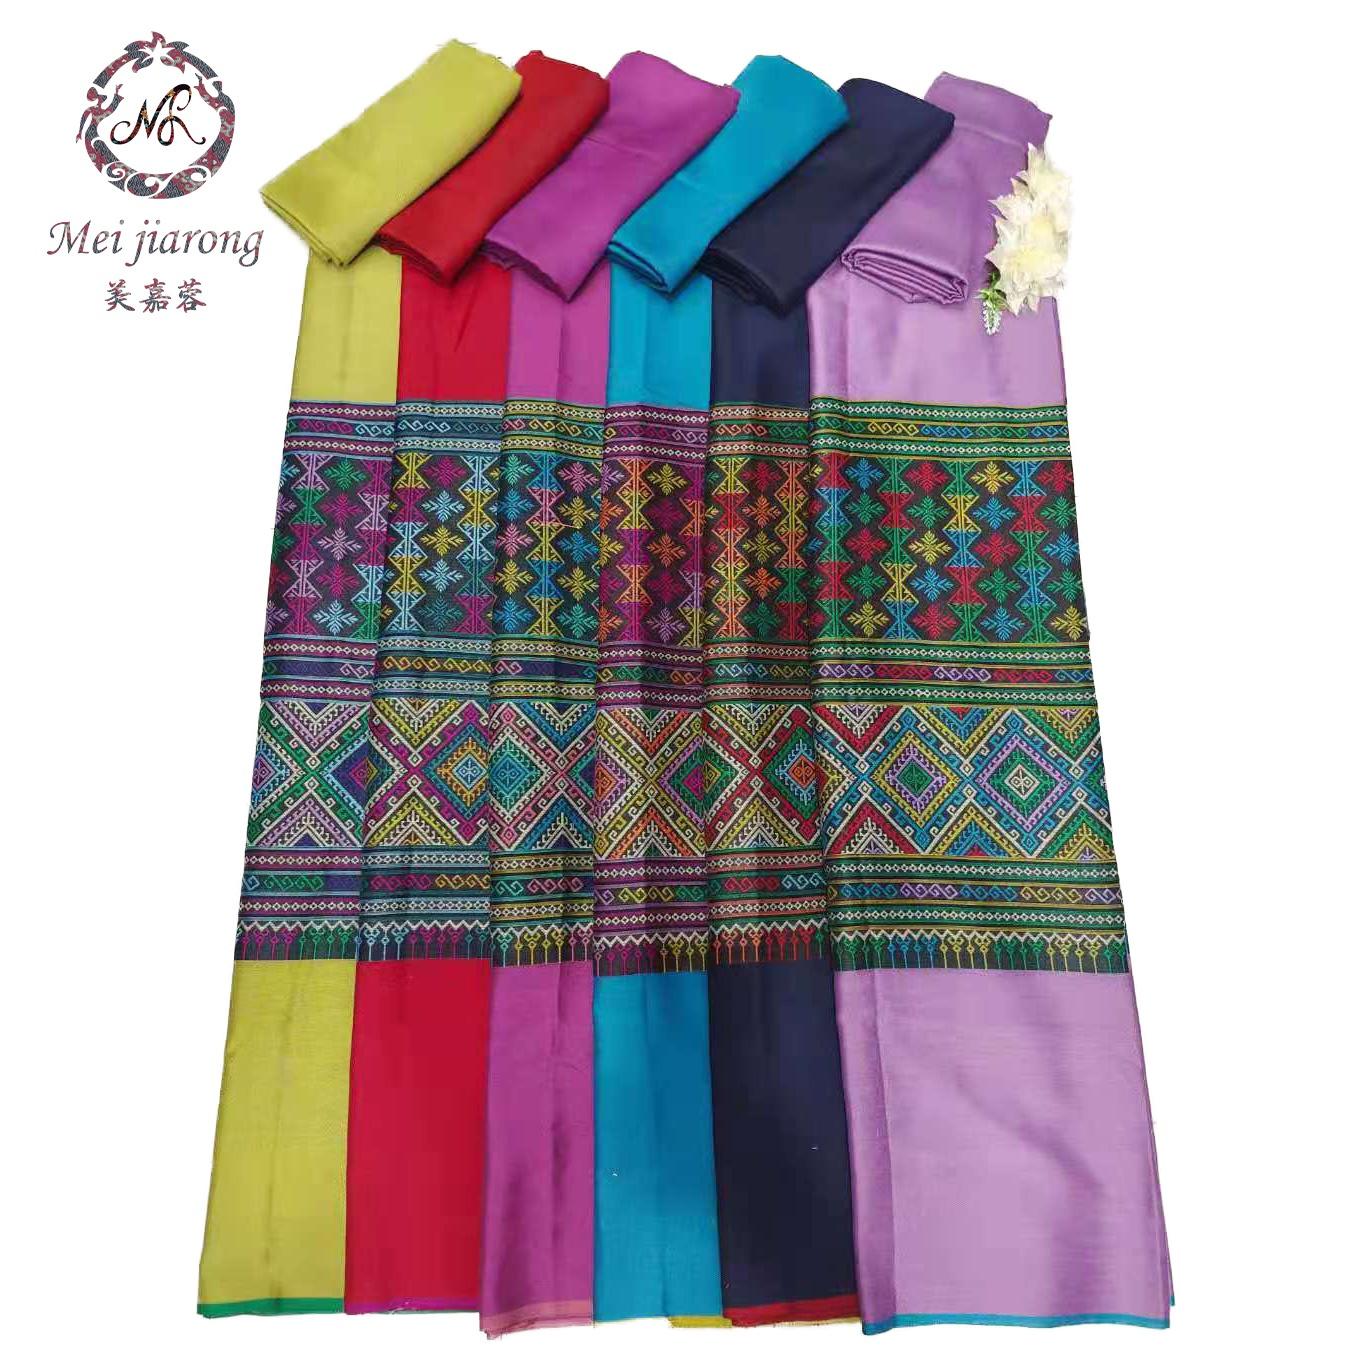 Longji Kain Batik Sarung Sarong Indonesia Bhs Indonesian Cotton Lungi Men